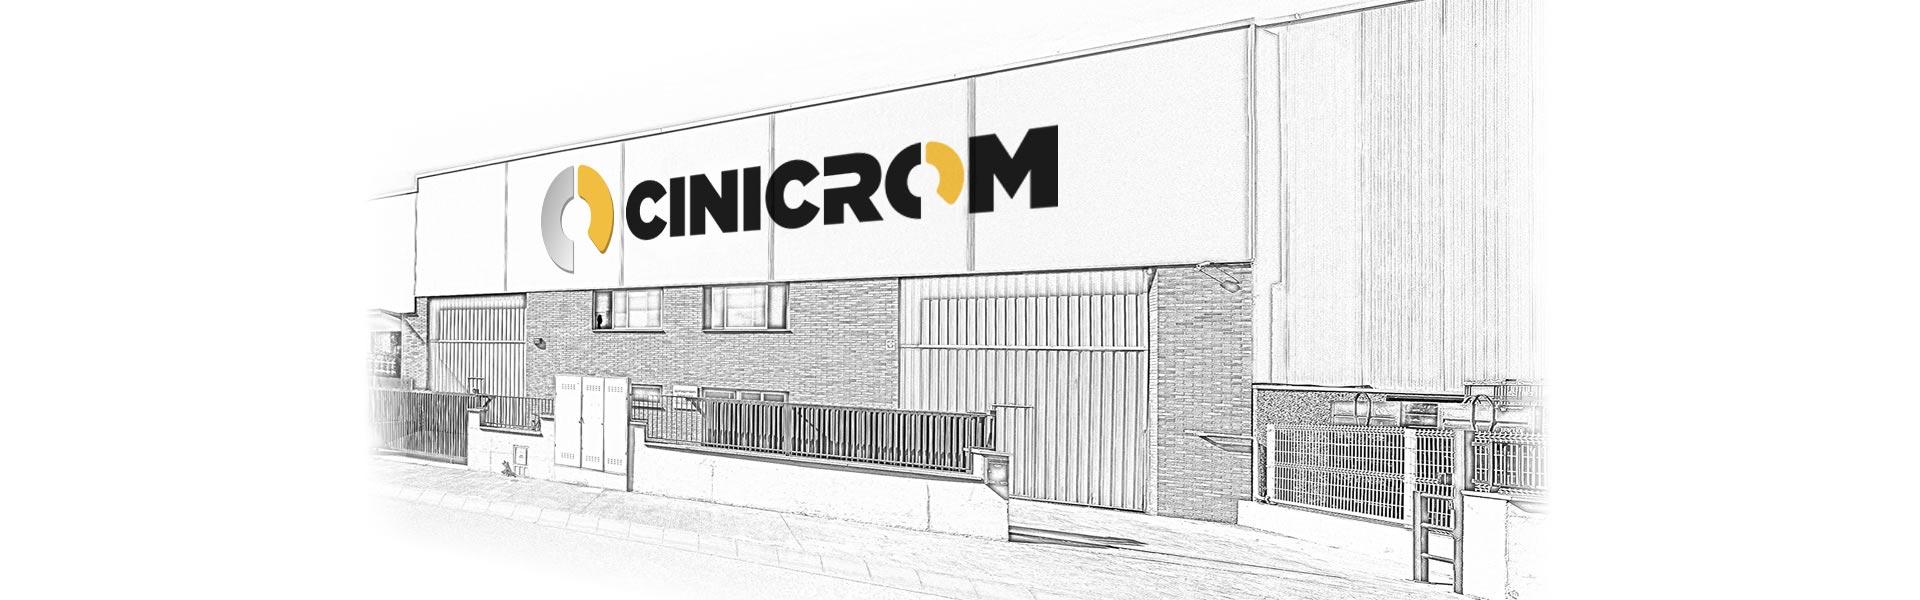 Cinicrom | Expertos en recubrimientos metálicos